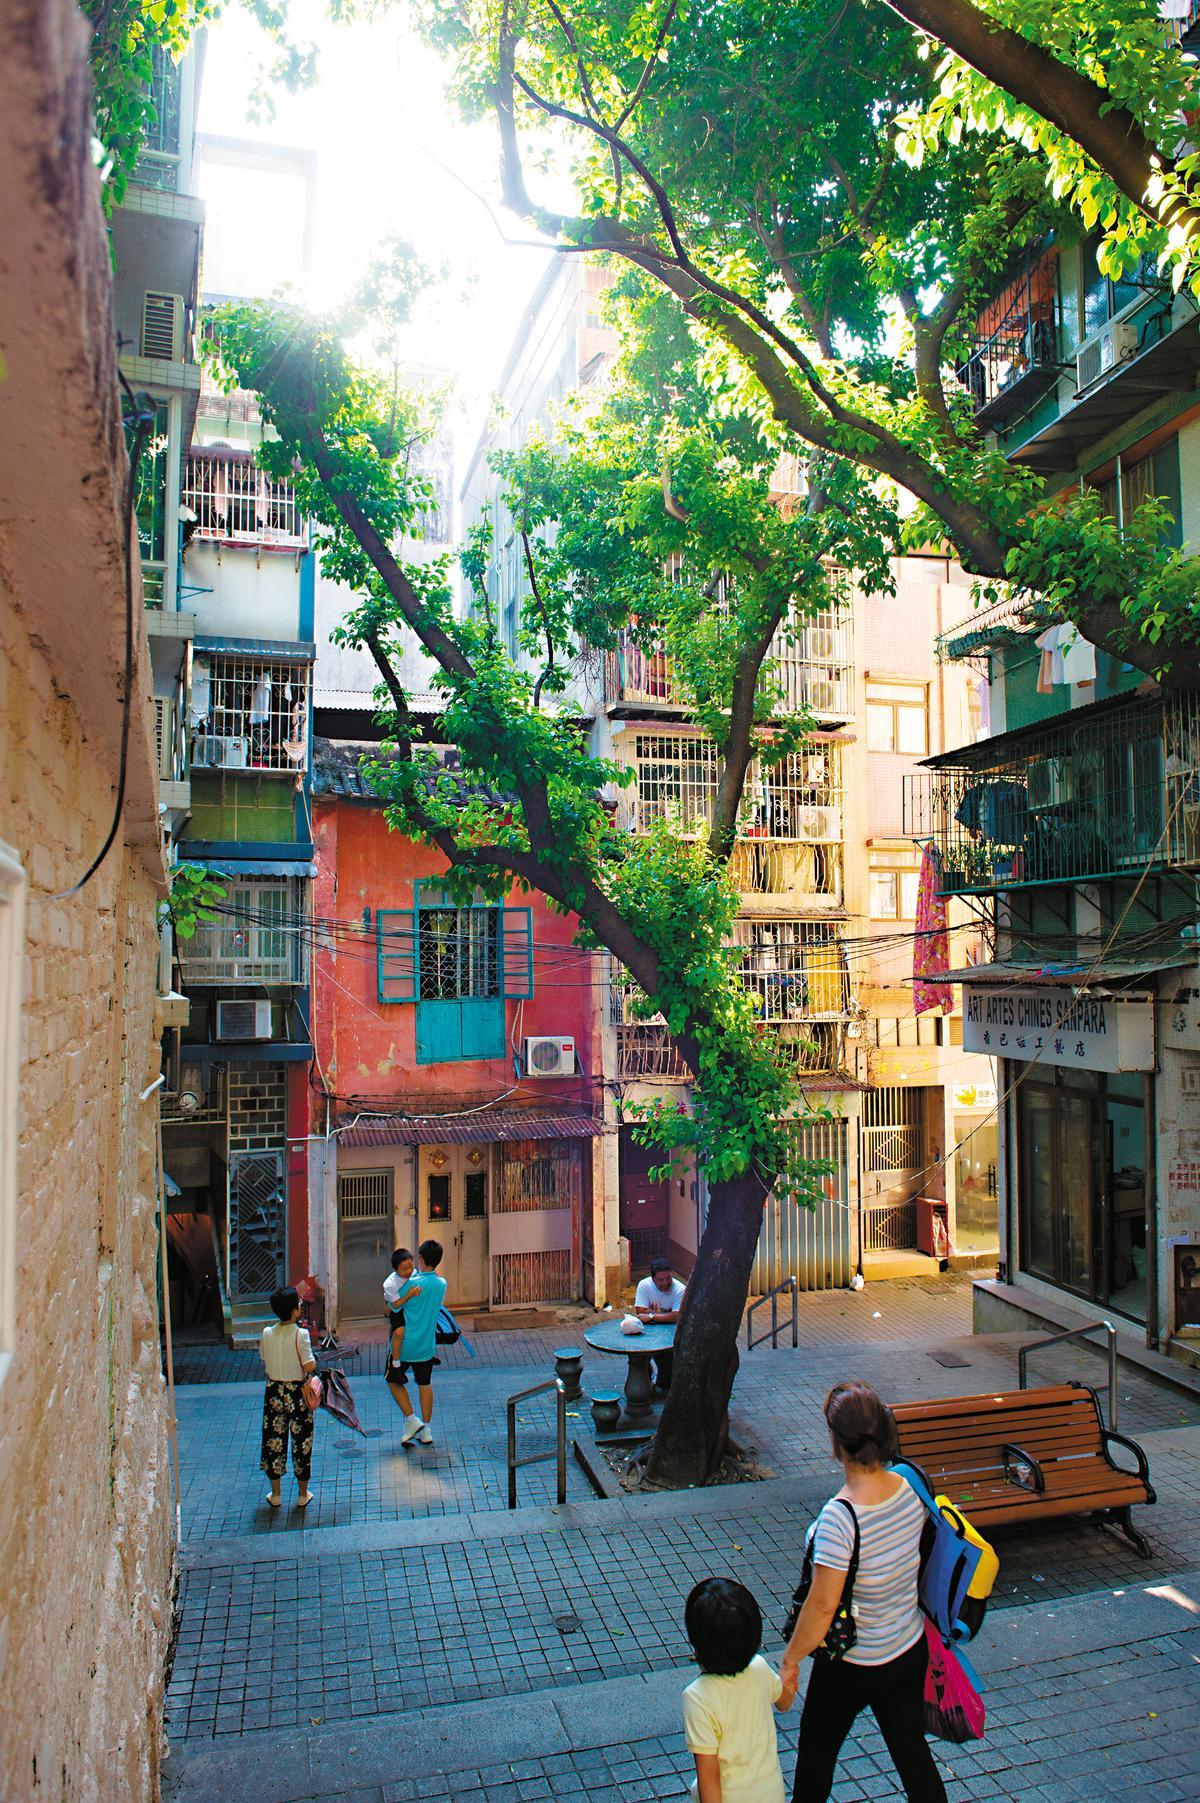 舊城區的生活感依舊,用腳步丈量,最能感受土地溫度。